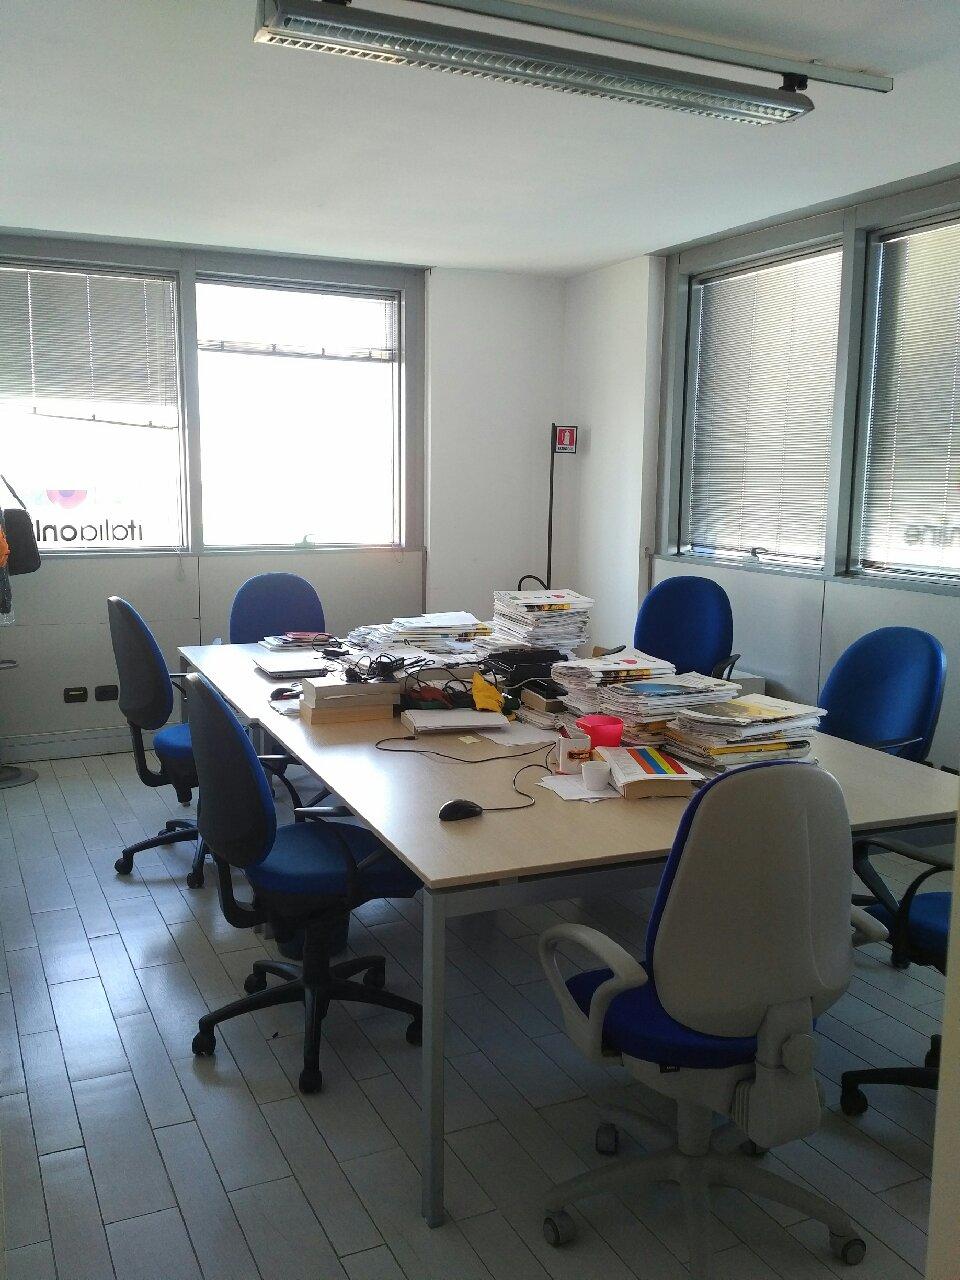 Italiaonline interni uffici Brescia